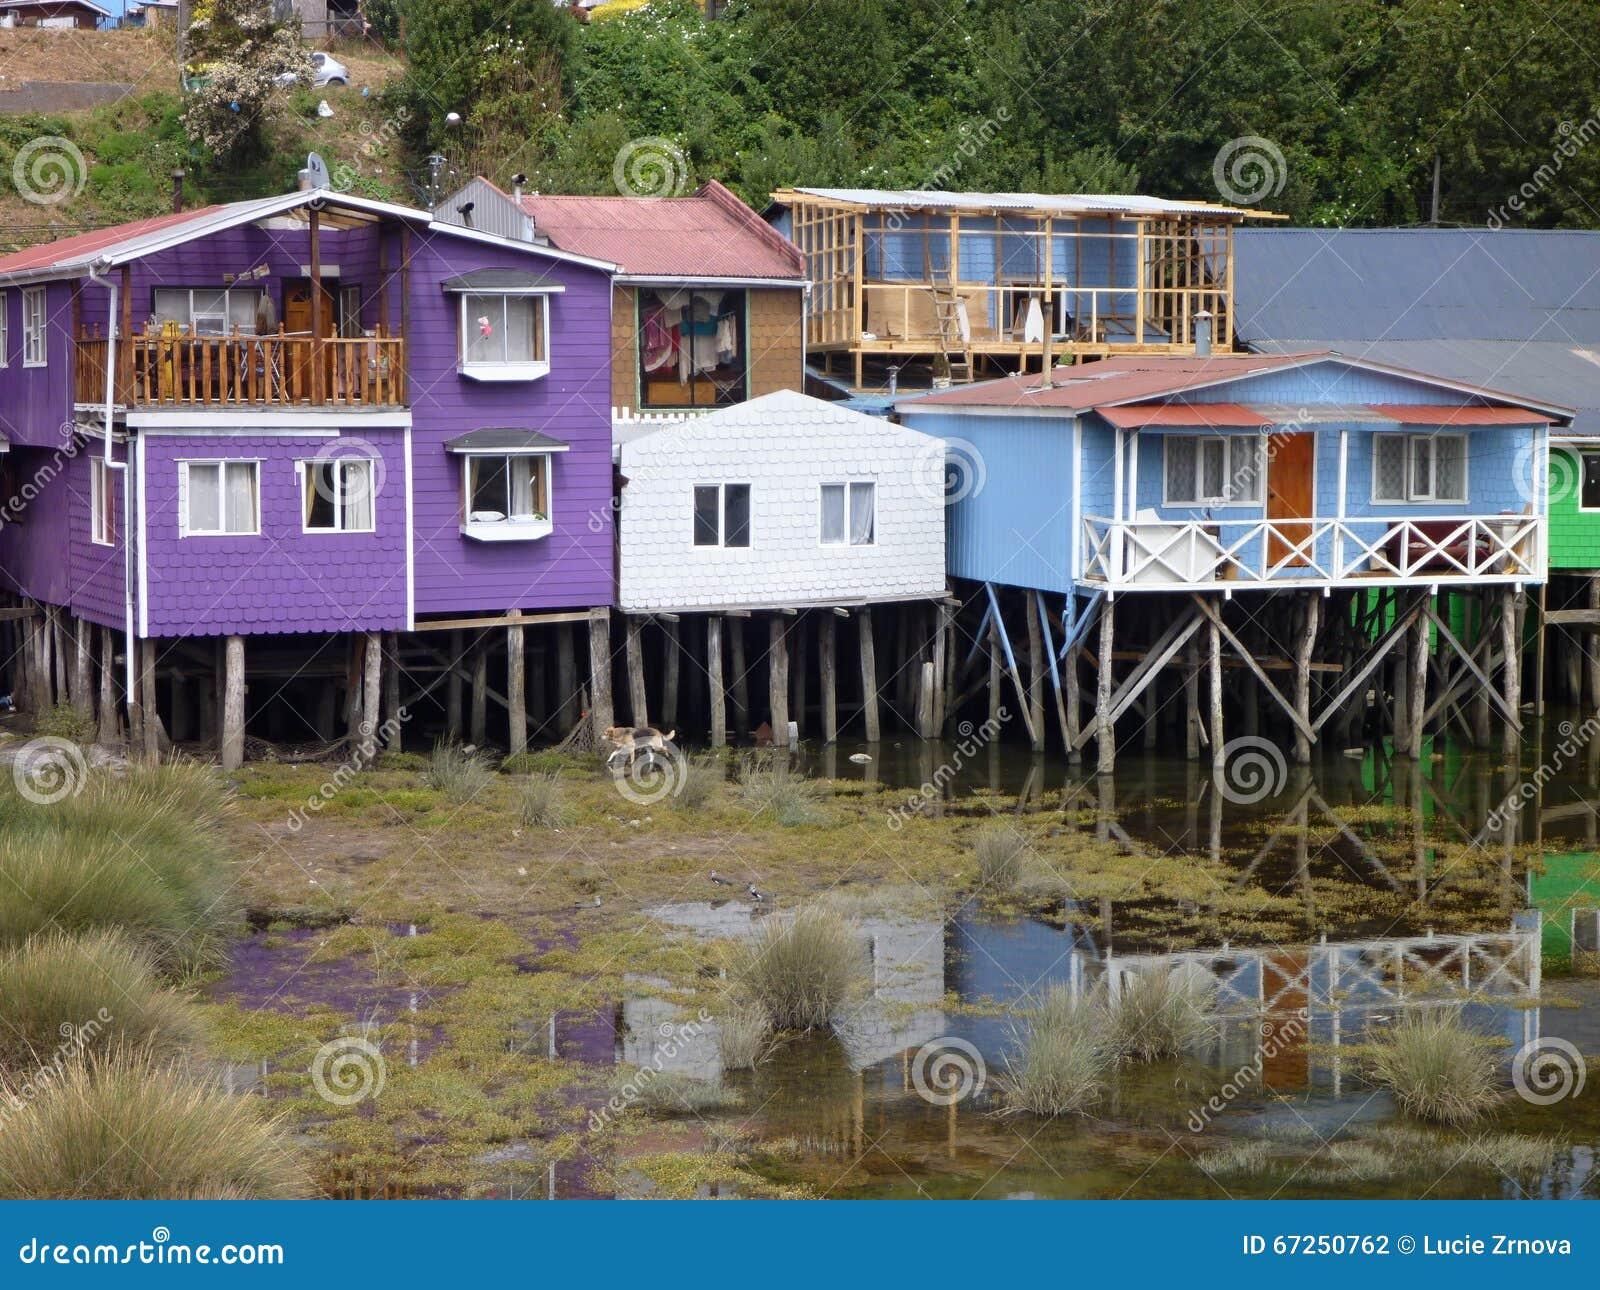 Ζωηρόχρωμα σπίτια palafotos στις στήλες woodel στο νησί chiloe